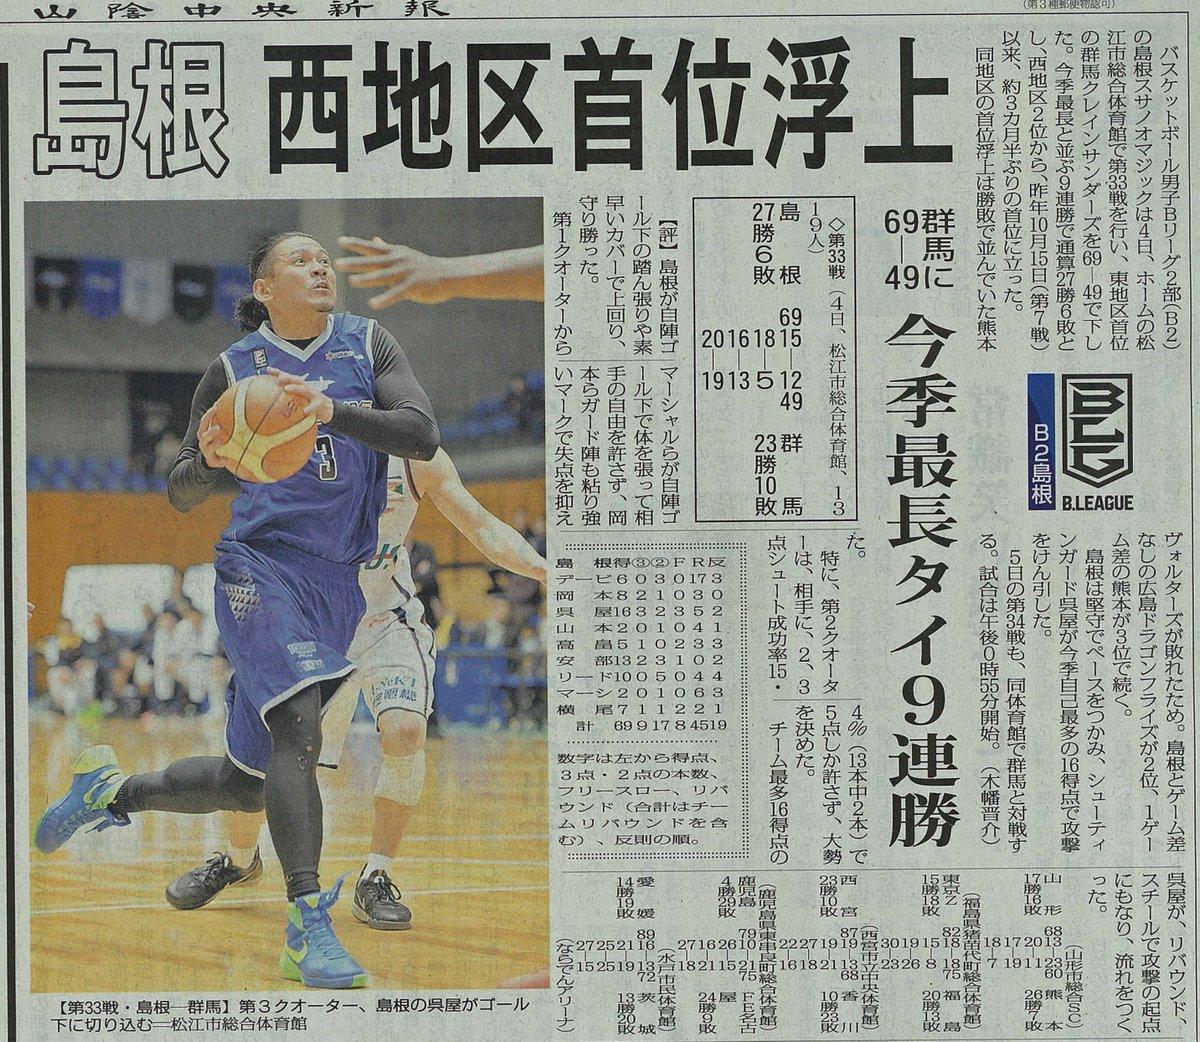 今朝の山陰中央新報記事です。ありがとうございます! 『島根西地区首位浮上』❗️ 今日も頑張って必ず勝…